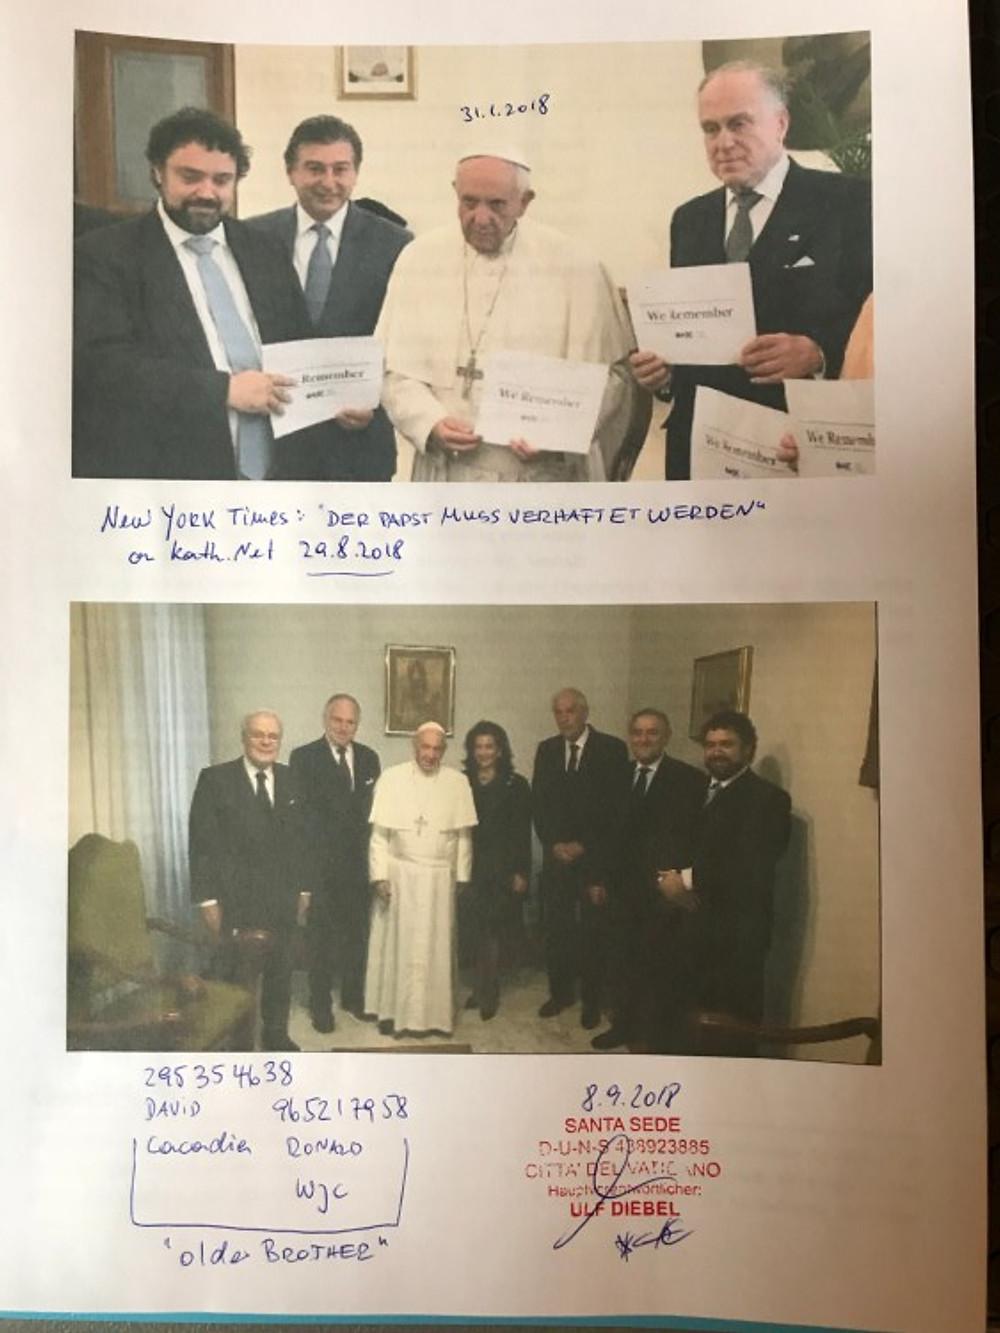 Santa Sede David De Rothschild